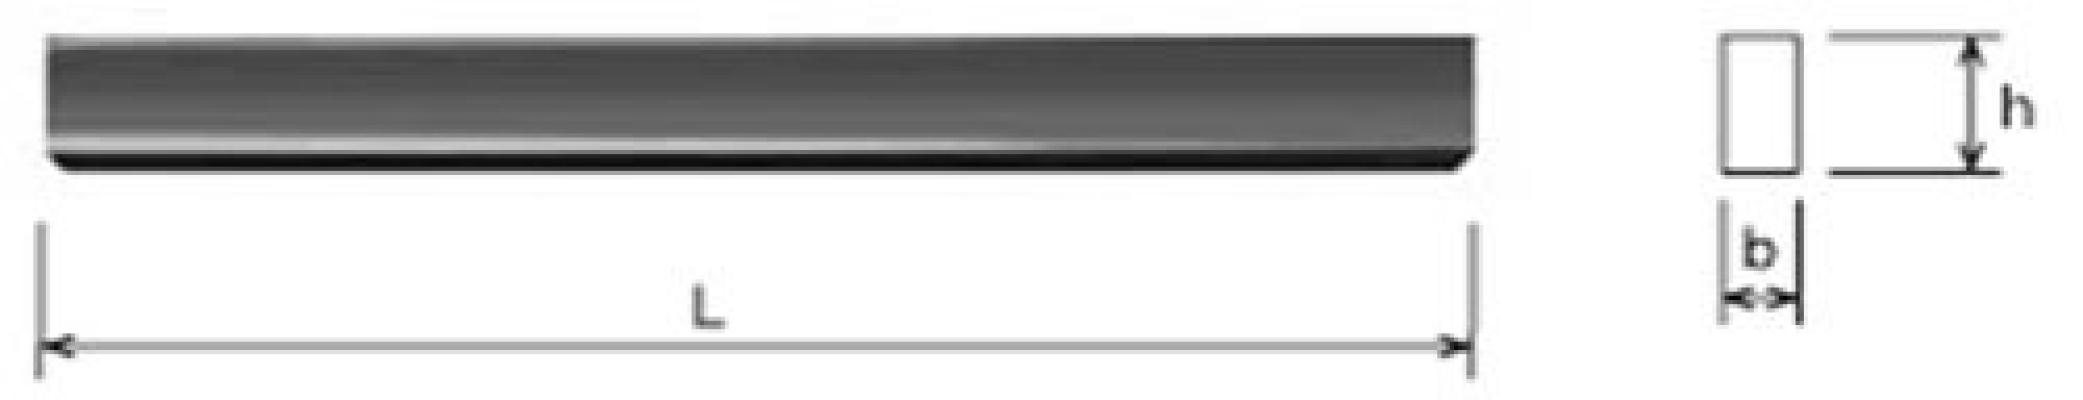 Rectangular Toolbits (HSS COBALT)